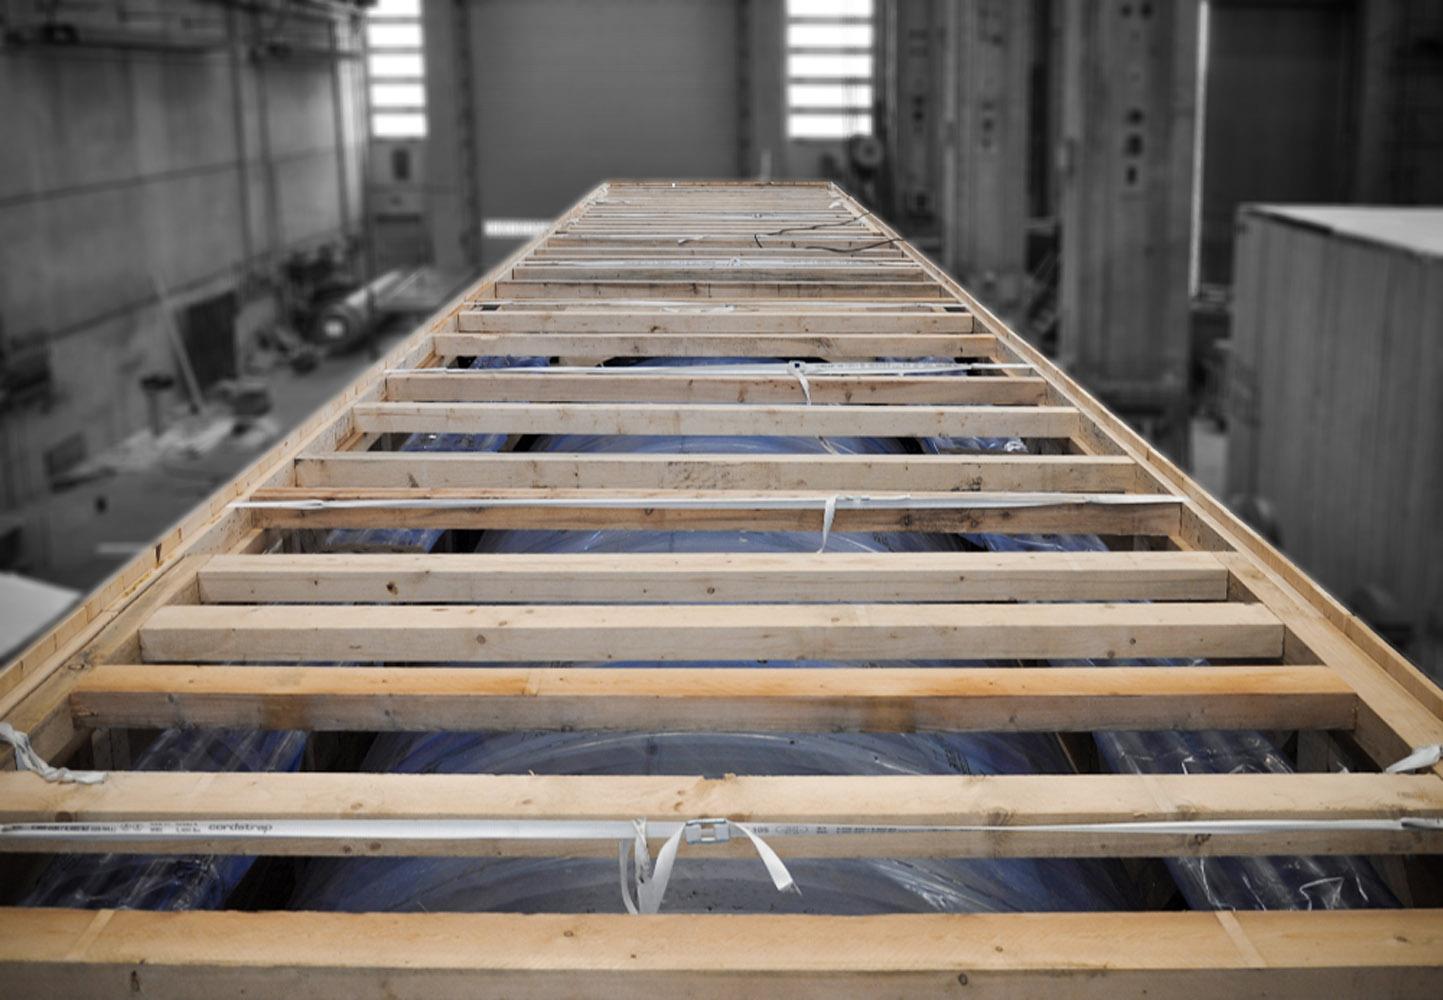 coperchio cassa in legno per macchinario industriale